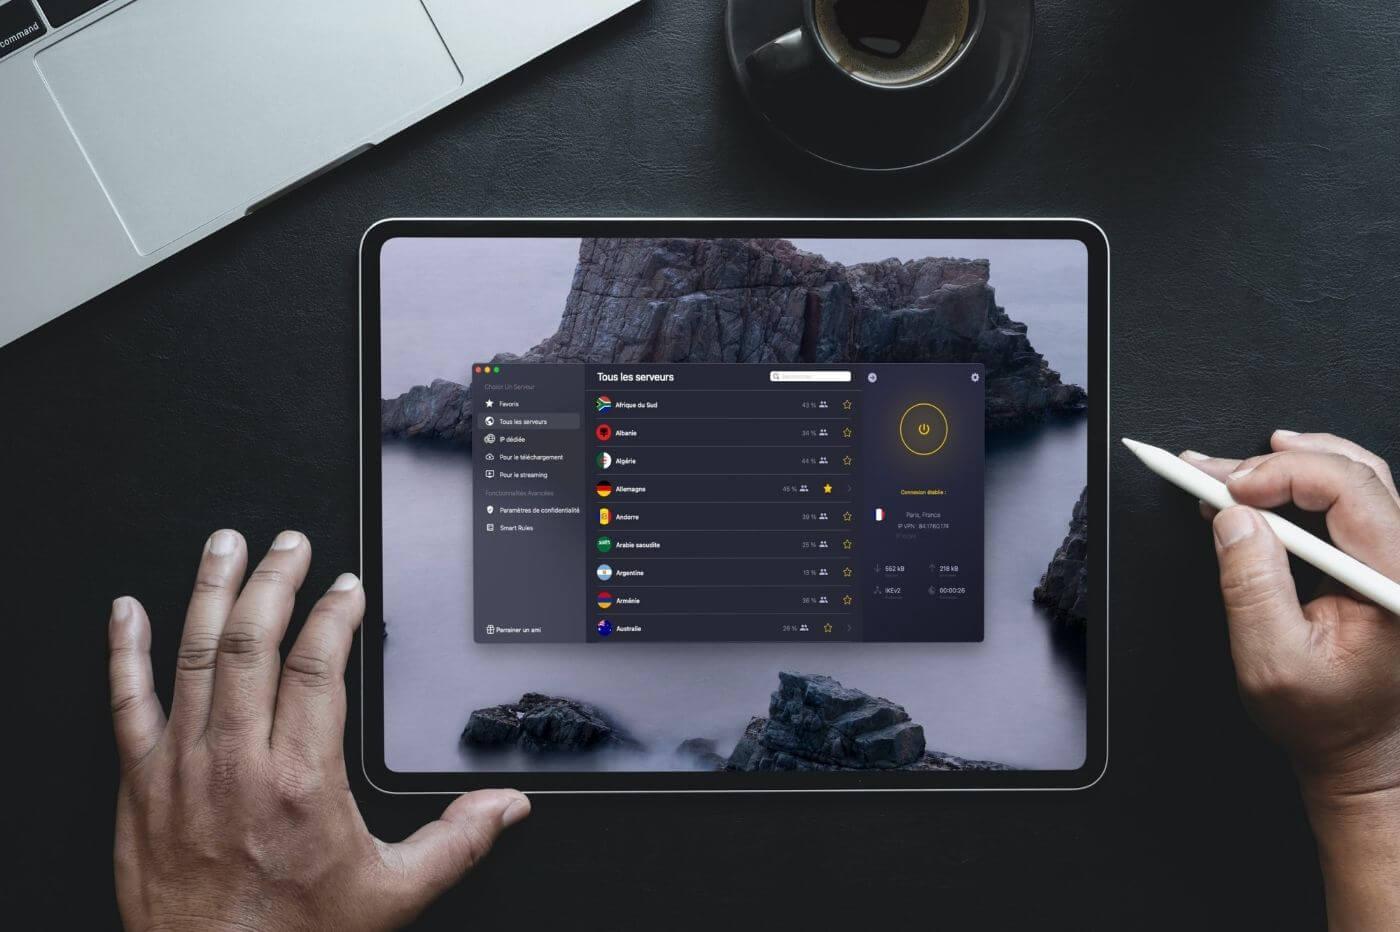 Logiciel VPN: CyberGhost propose une réduction éclair XXL